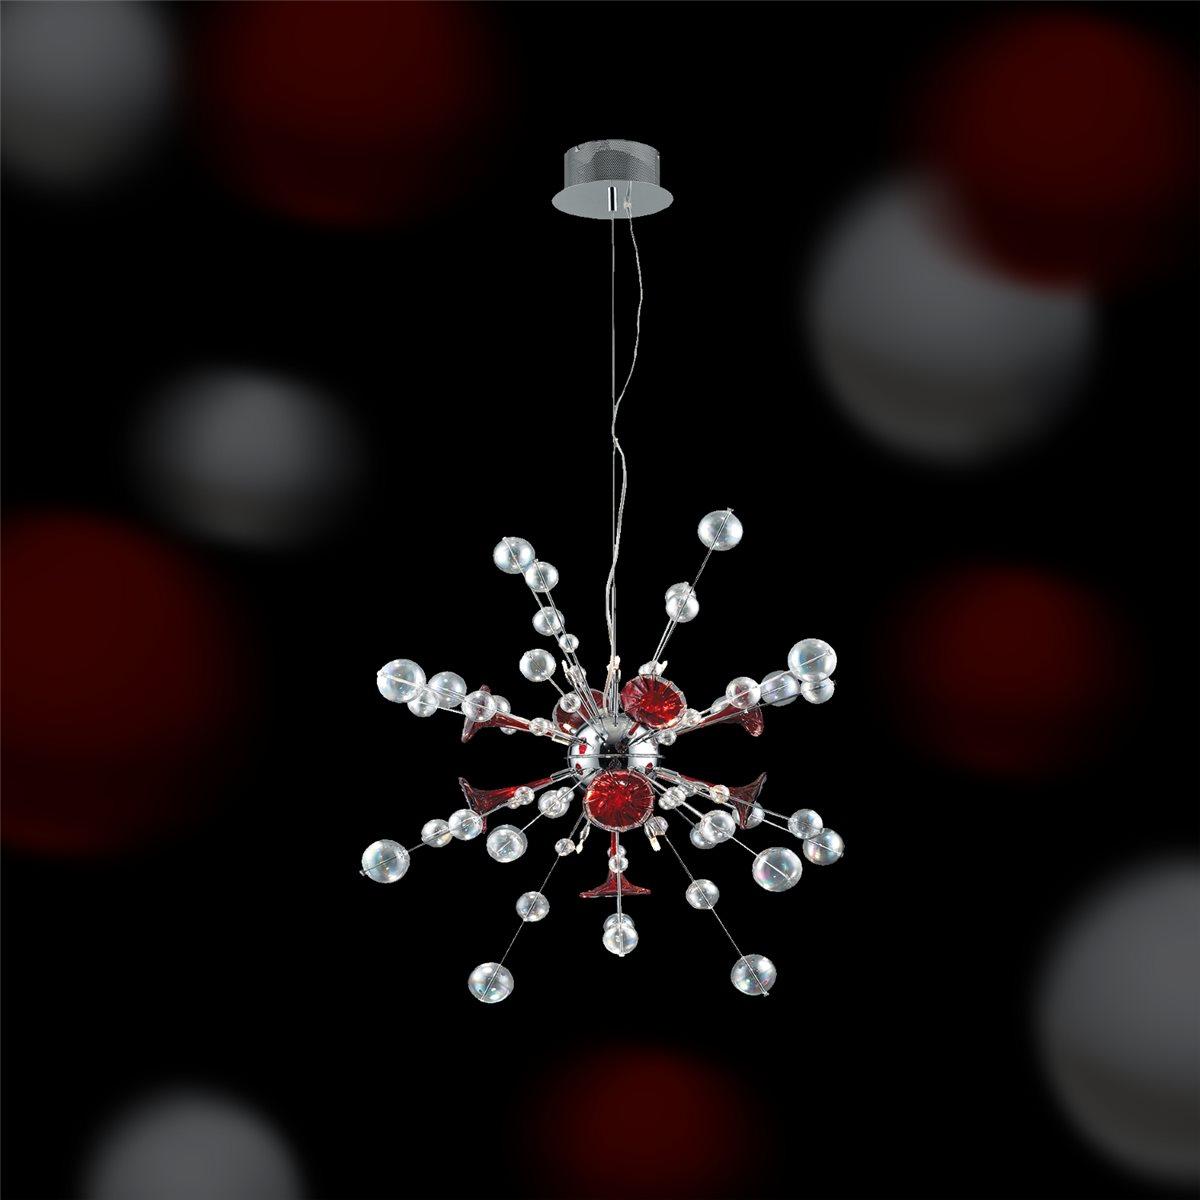 Lampenlux Design Pendelleuchte Zasa Hängelampe Glas Rot Weiß Höhenverstellbar